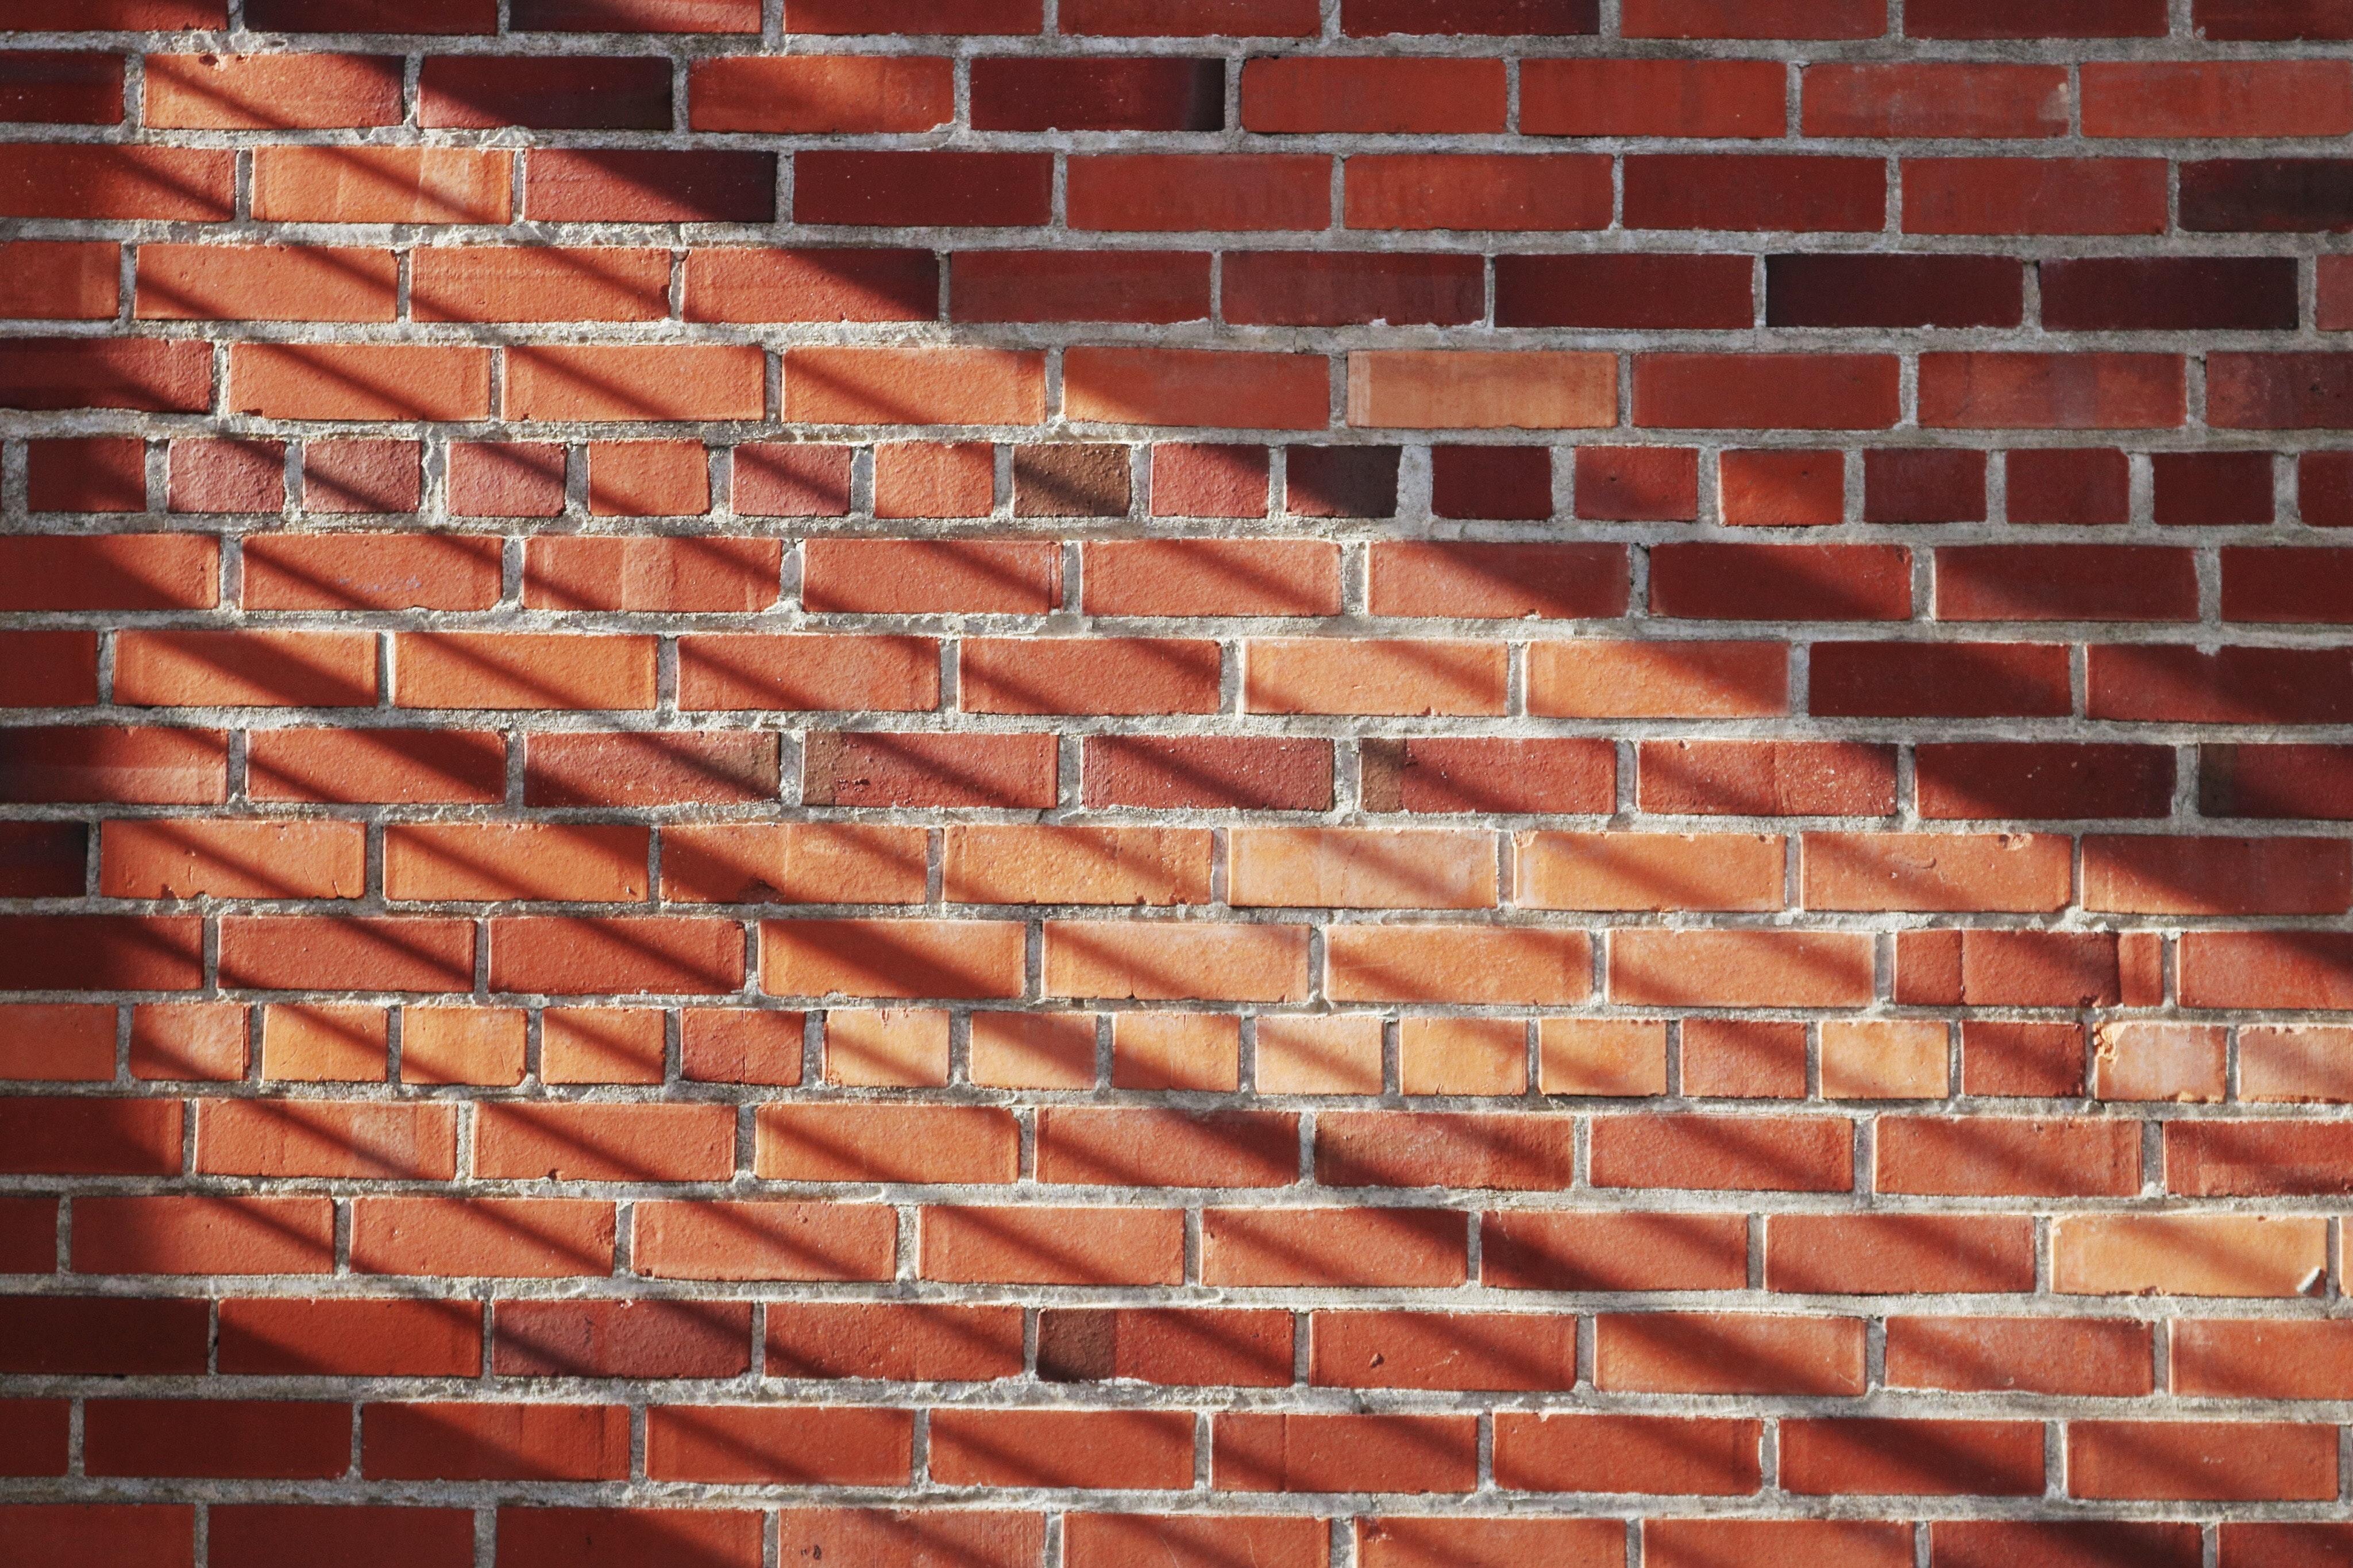 Wall: 1000+ Interesting Brick Wall Photos · Pexels · Free Stock